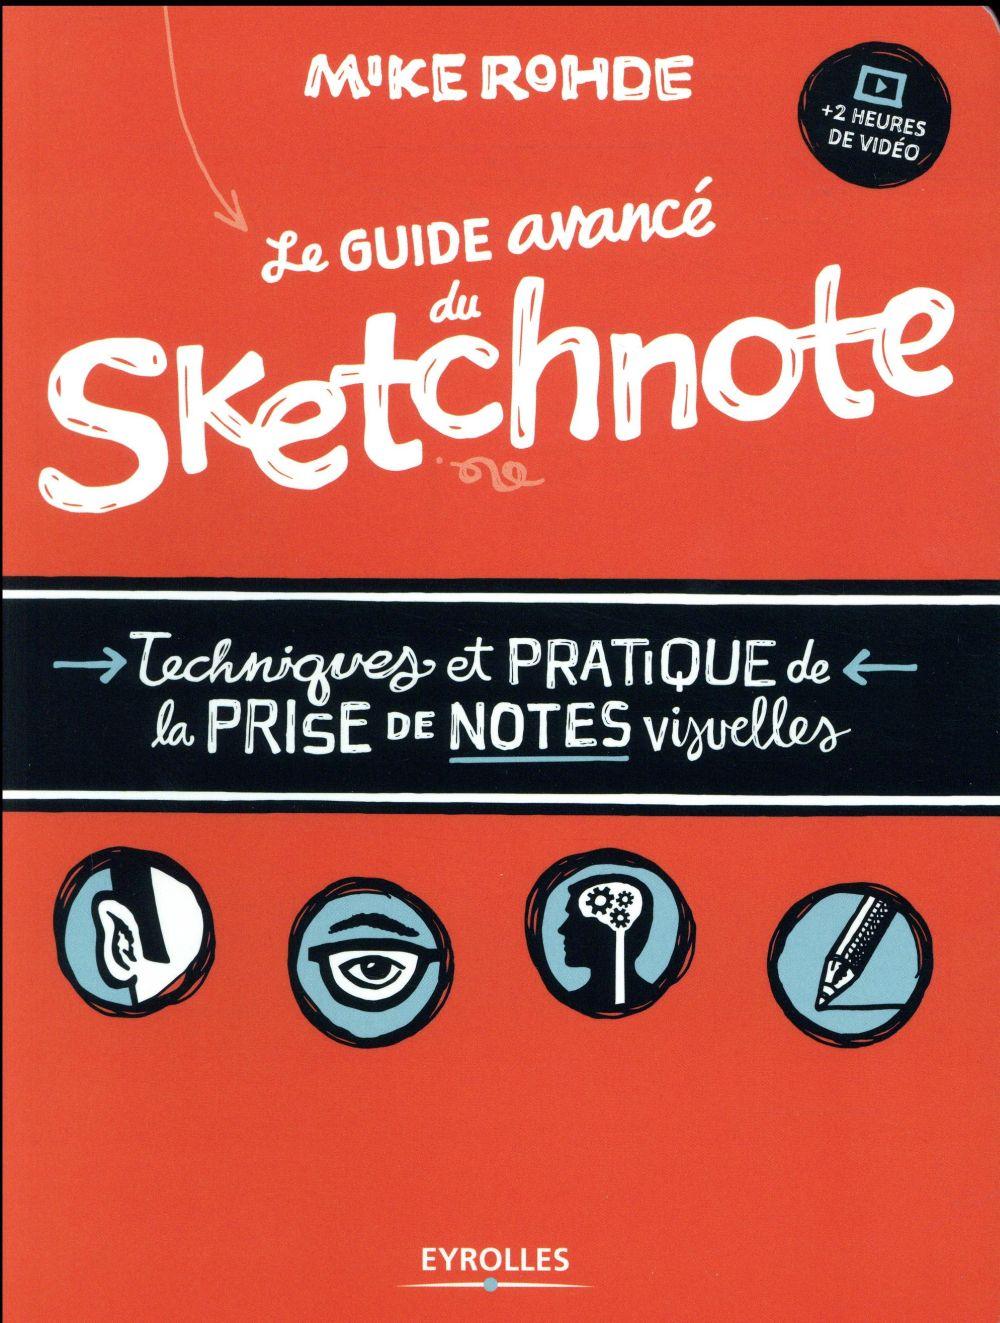 Le guide avancé du sketchnote ; techniques et pratique de la prise de notes visuelles